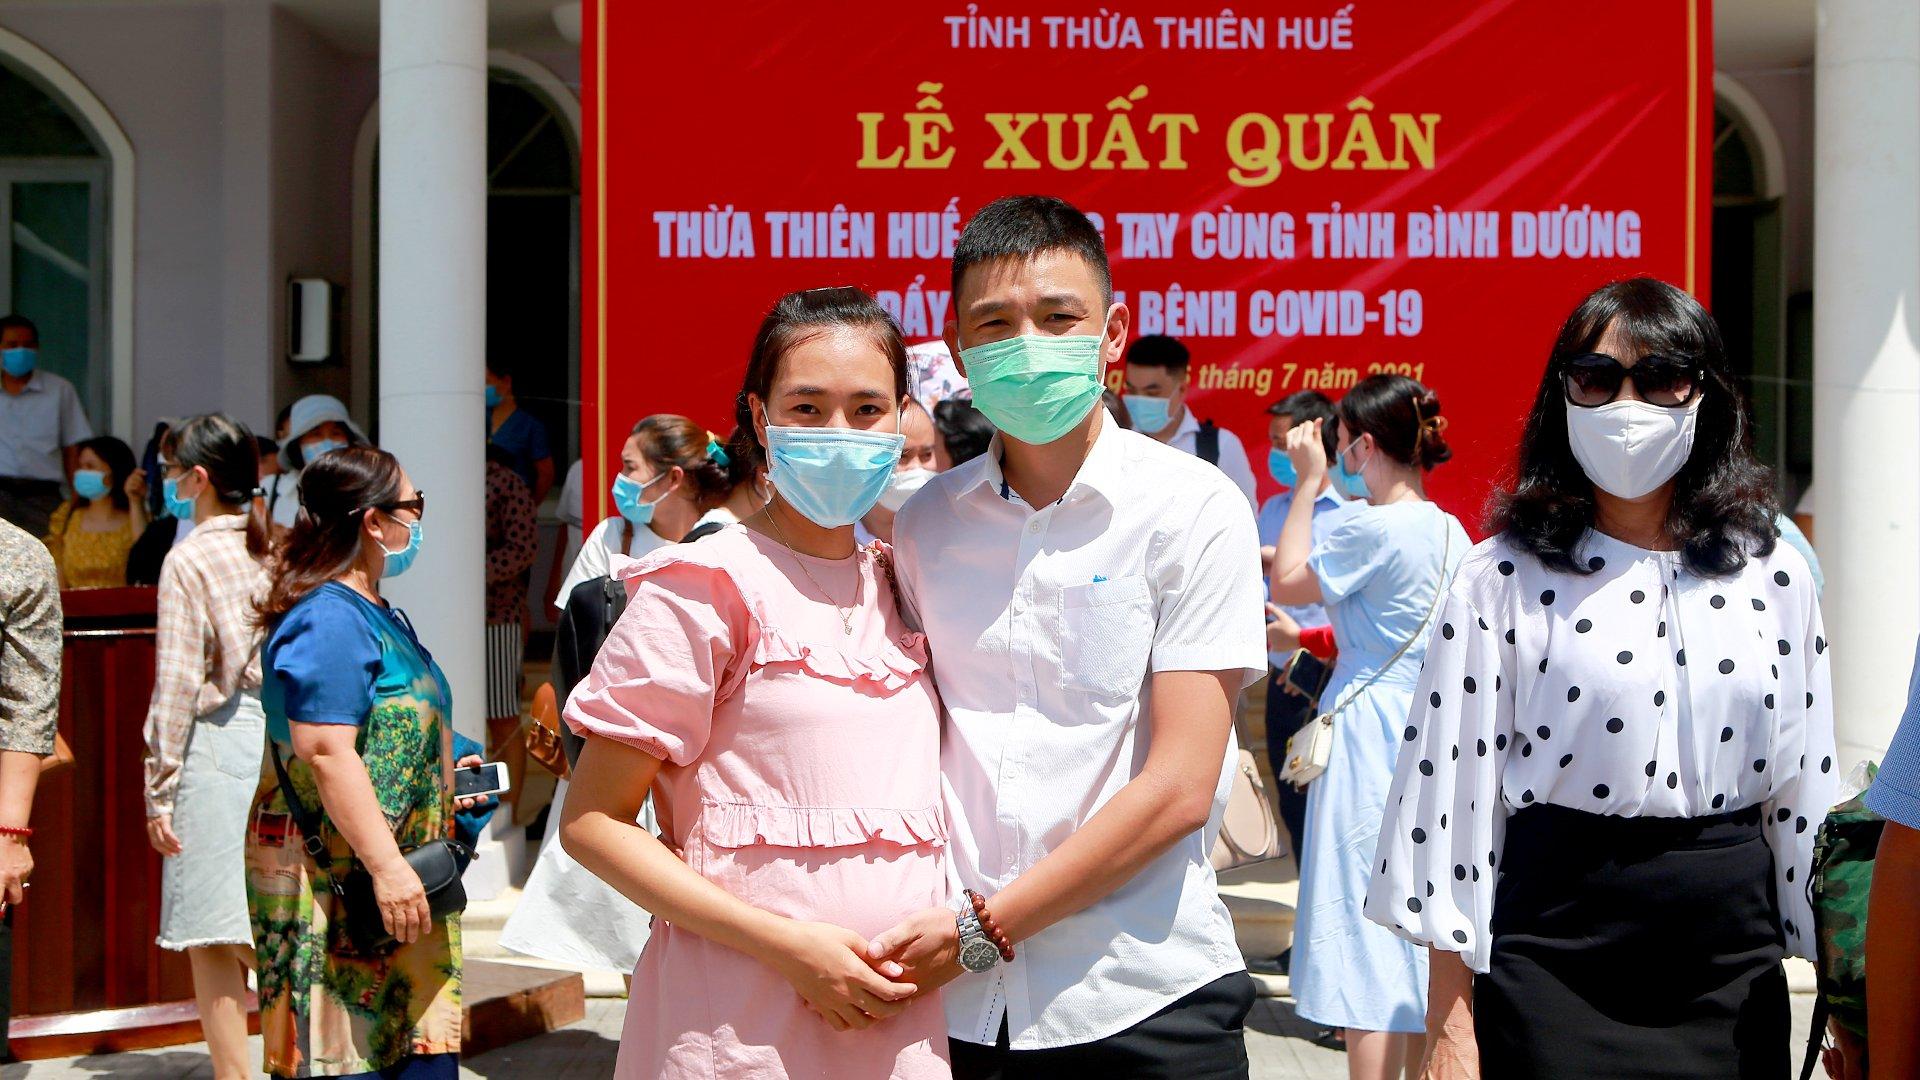 ĐD Nguyễn Đăng Công đang công tác tại Khoa Hồi sức tích cực BVTW Huế, là thành viên Đoàn công tác hỗ trợ PCD tại Bình Dương. Có vợ là ĐD khoa Gây mê hồi sức BVTW Huế CS2 đang mang thai 8 tháng con đầu lòng